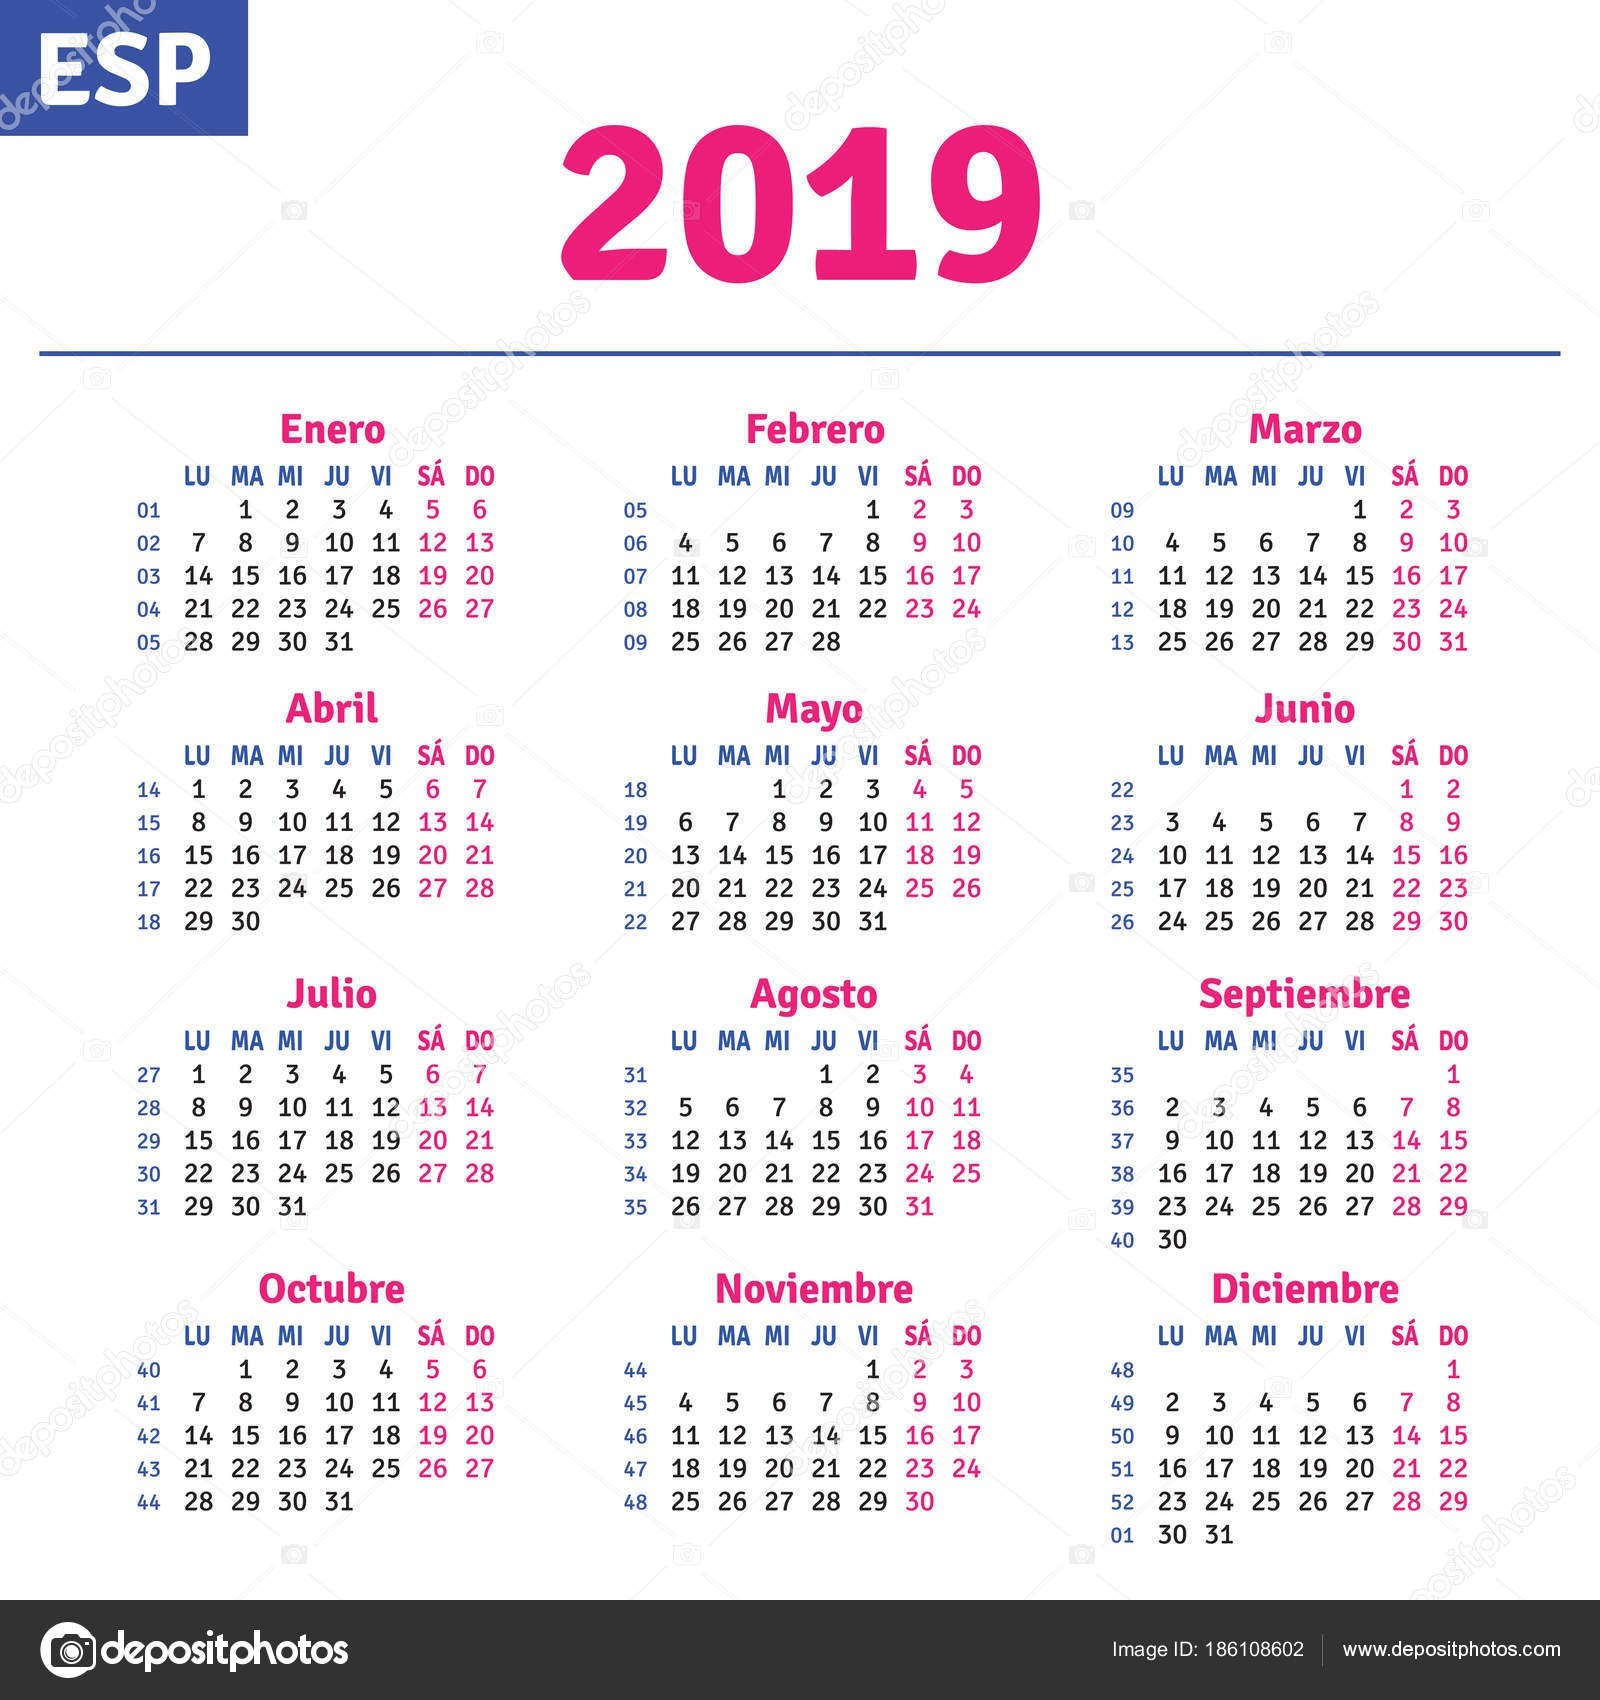 calendario con semanas numeradas 2018 mas caliente calendario 2019 espac2b1ol vector of calendario con semanas numeradas 2018